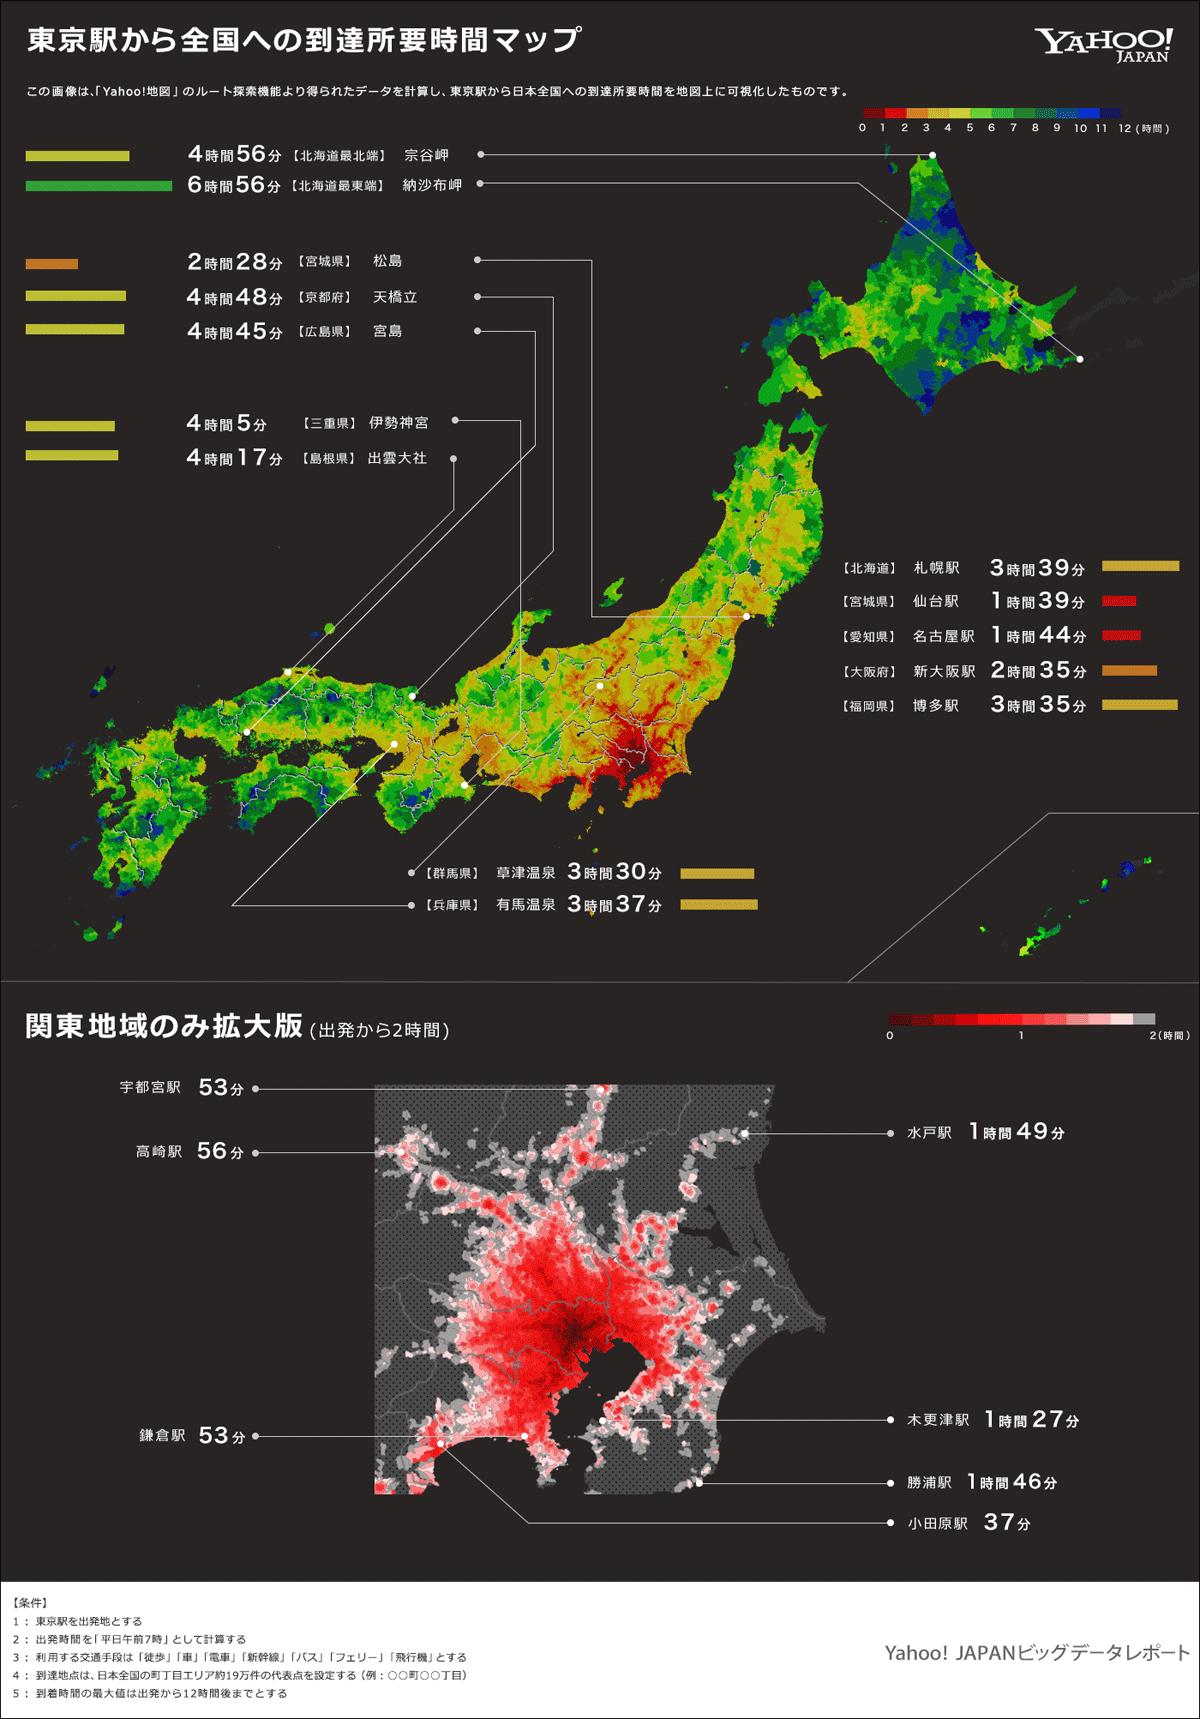 東京駅から日本全国への「到達所要時間マップ」